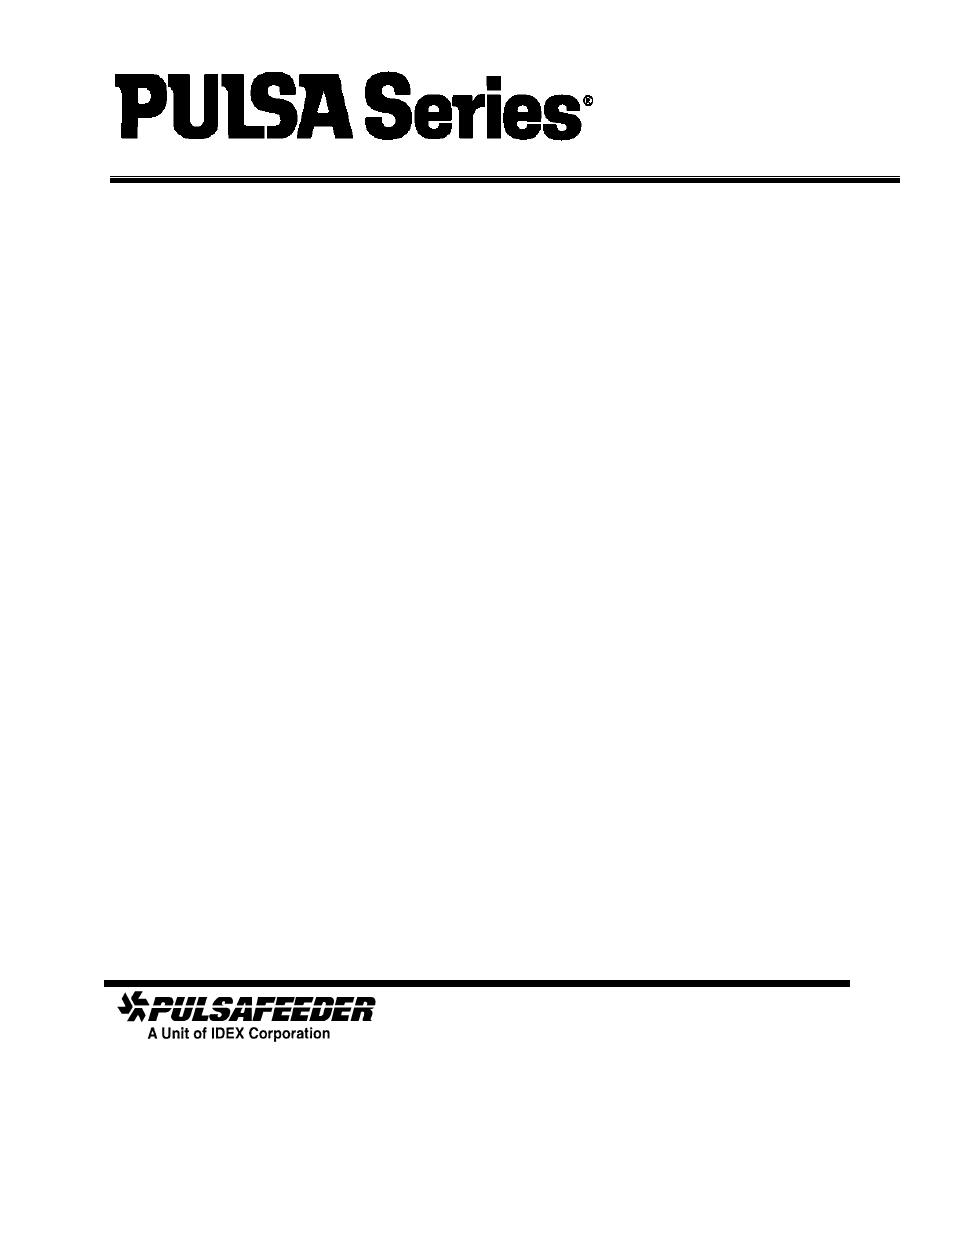 Pulsafeeder Pulsa Series 680 FR Manuel d'utilisation | Pages: 20